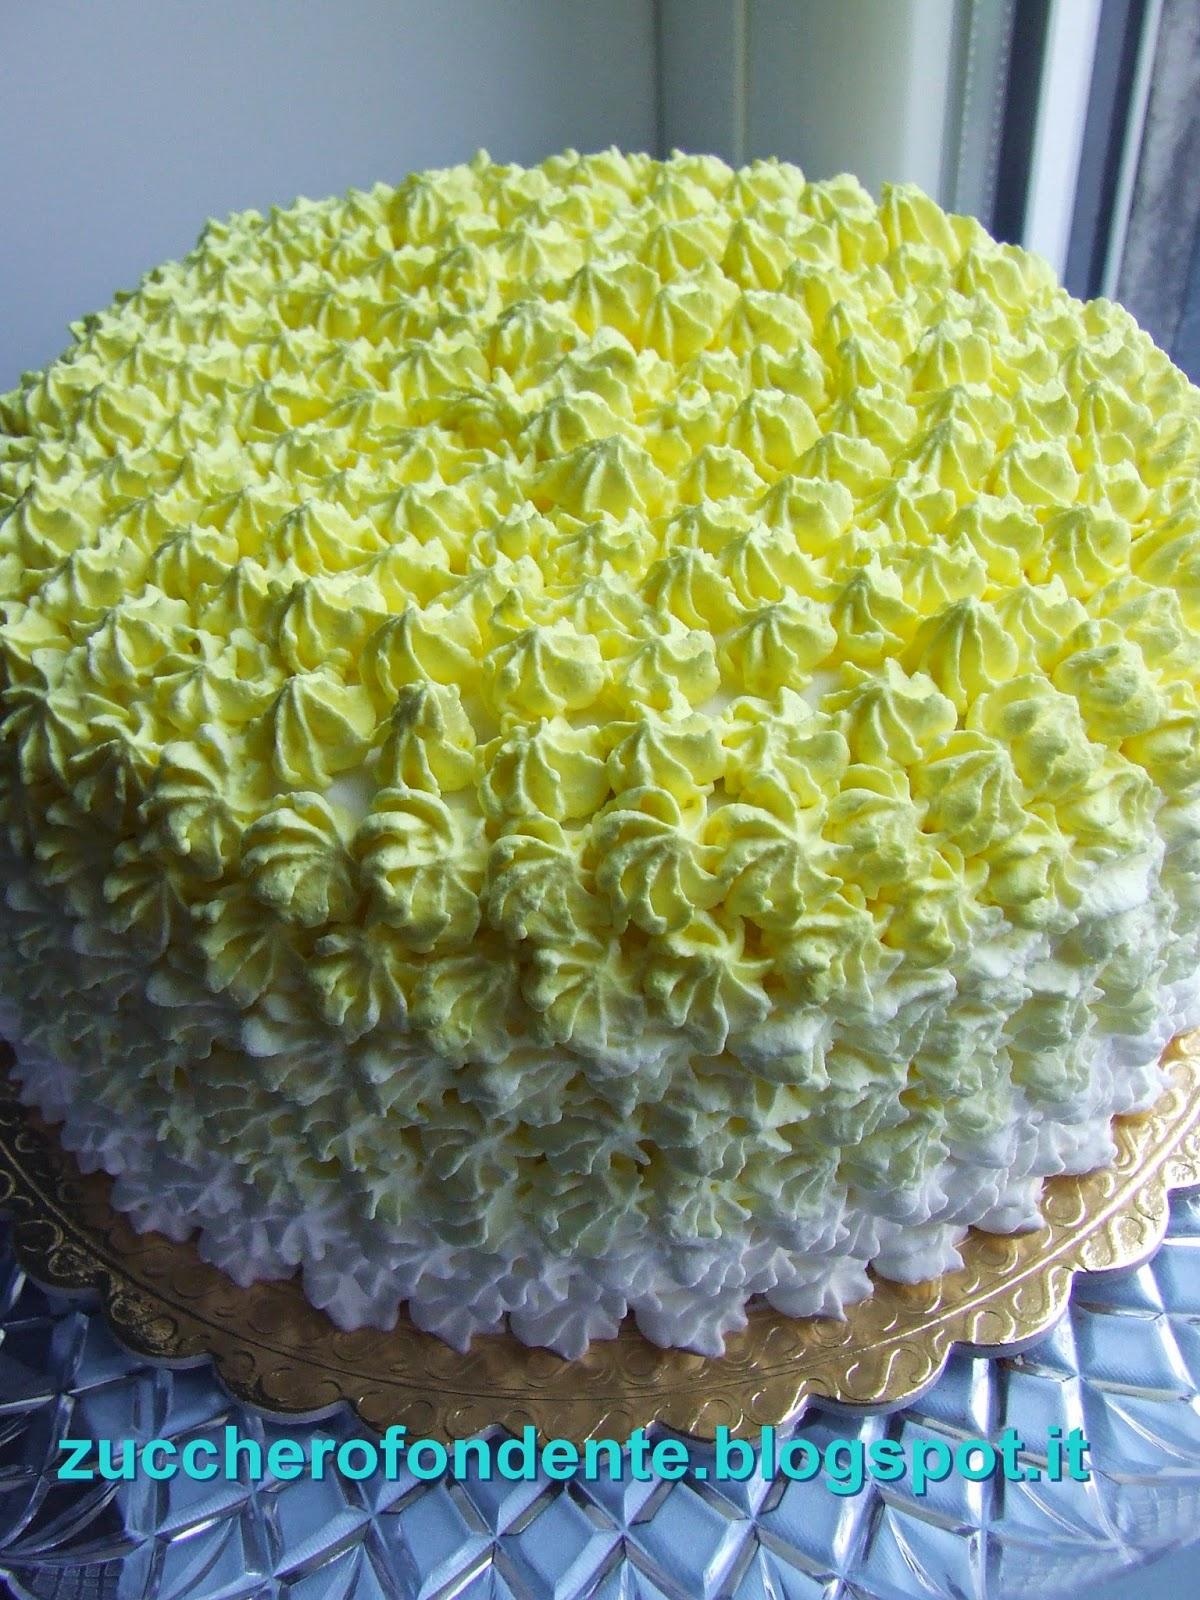 zuccherofondente: Delizia al limone....versione chic